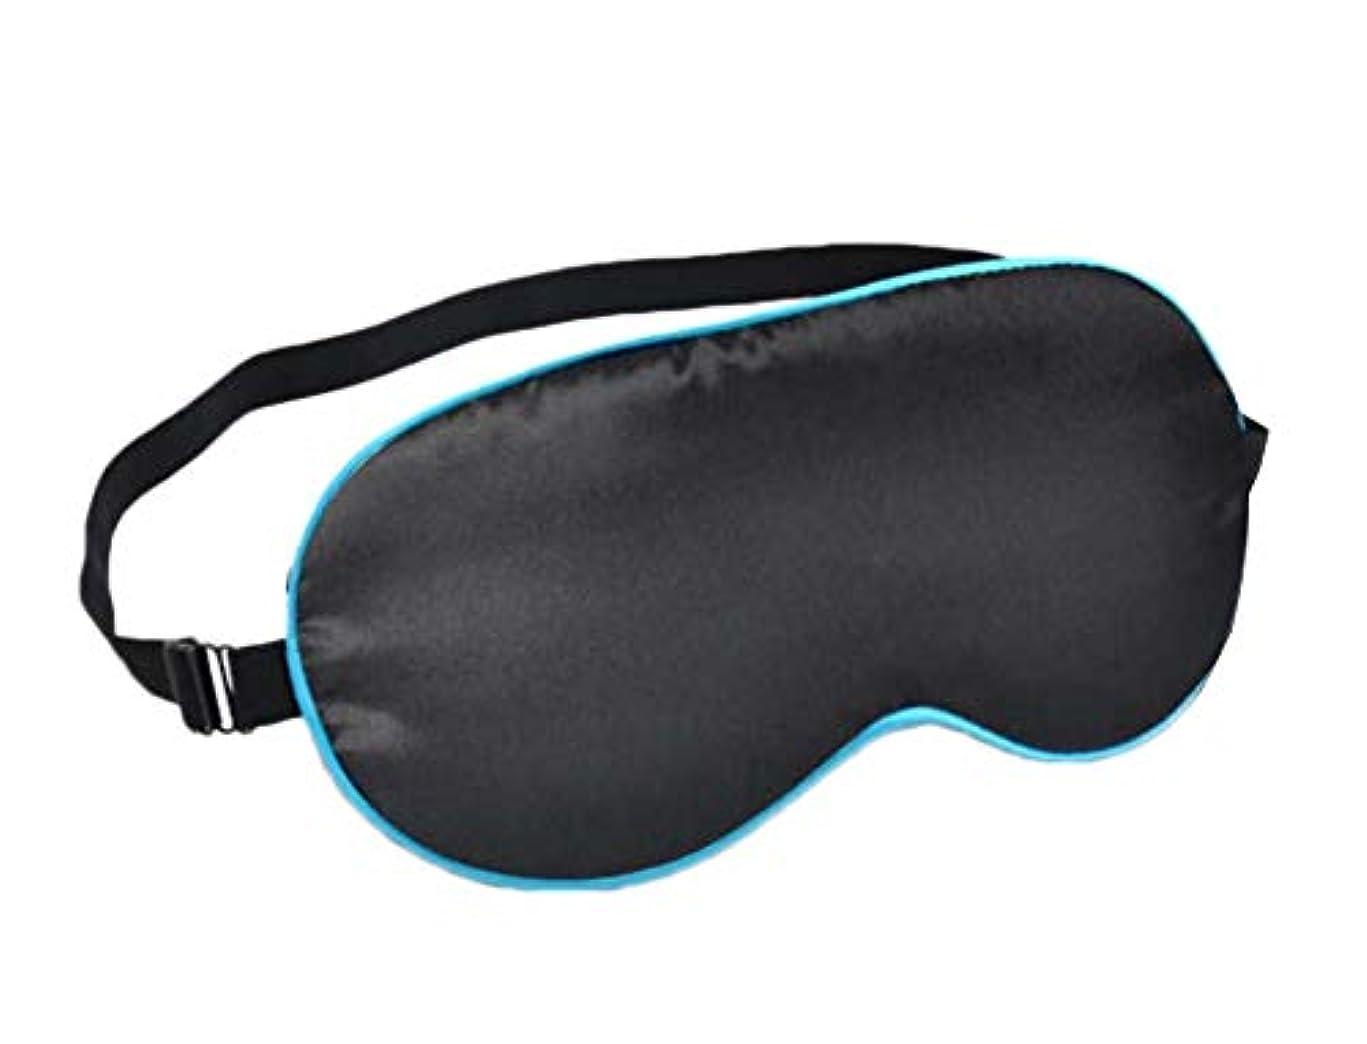 ペスト変色するポータル子供たちシルク睡眠アイマスク睡眠のソフトアイマスク - 15